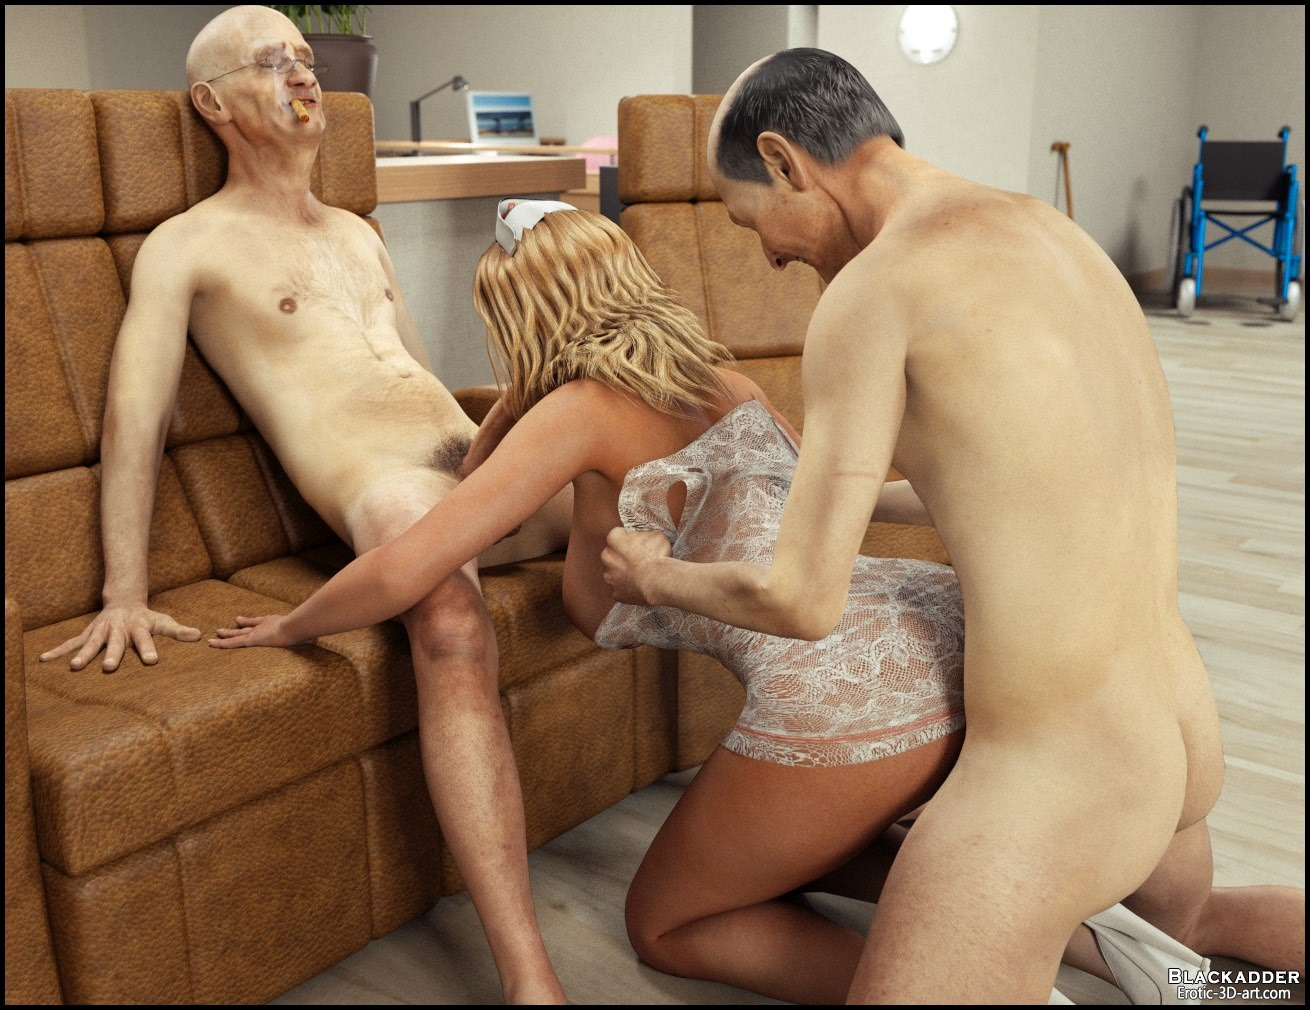 ПОРНО секс видео ролики и фильмы онлайн. Cкачать ...